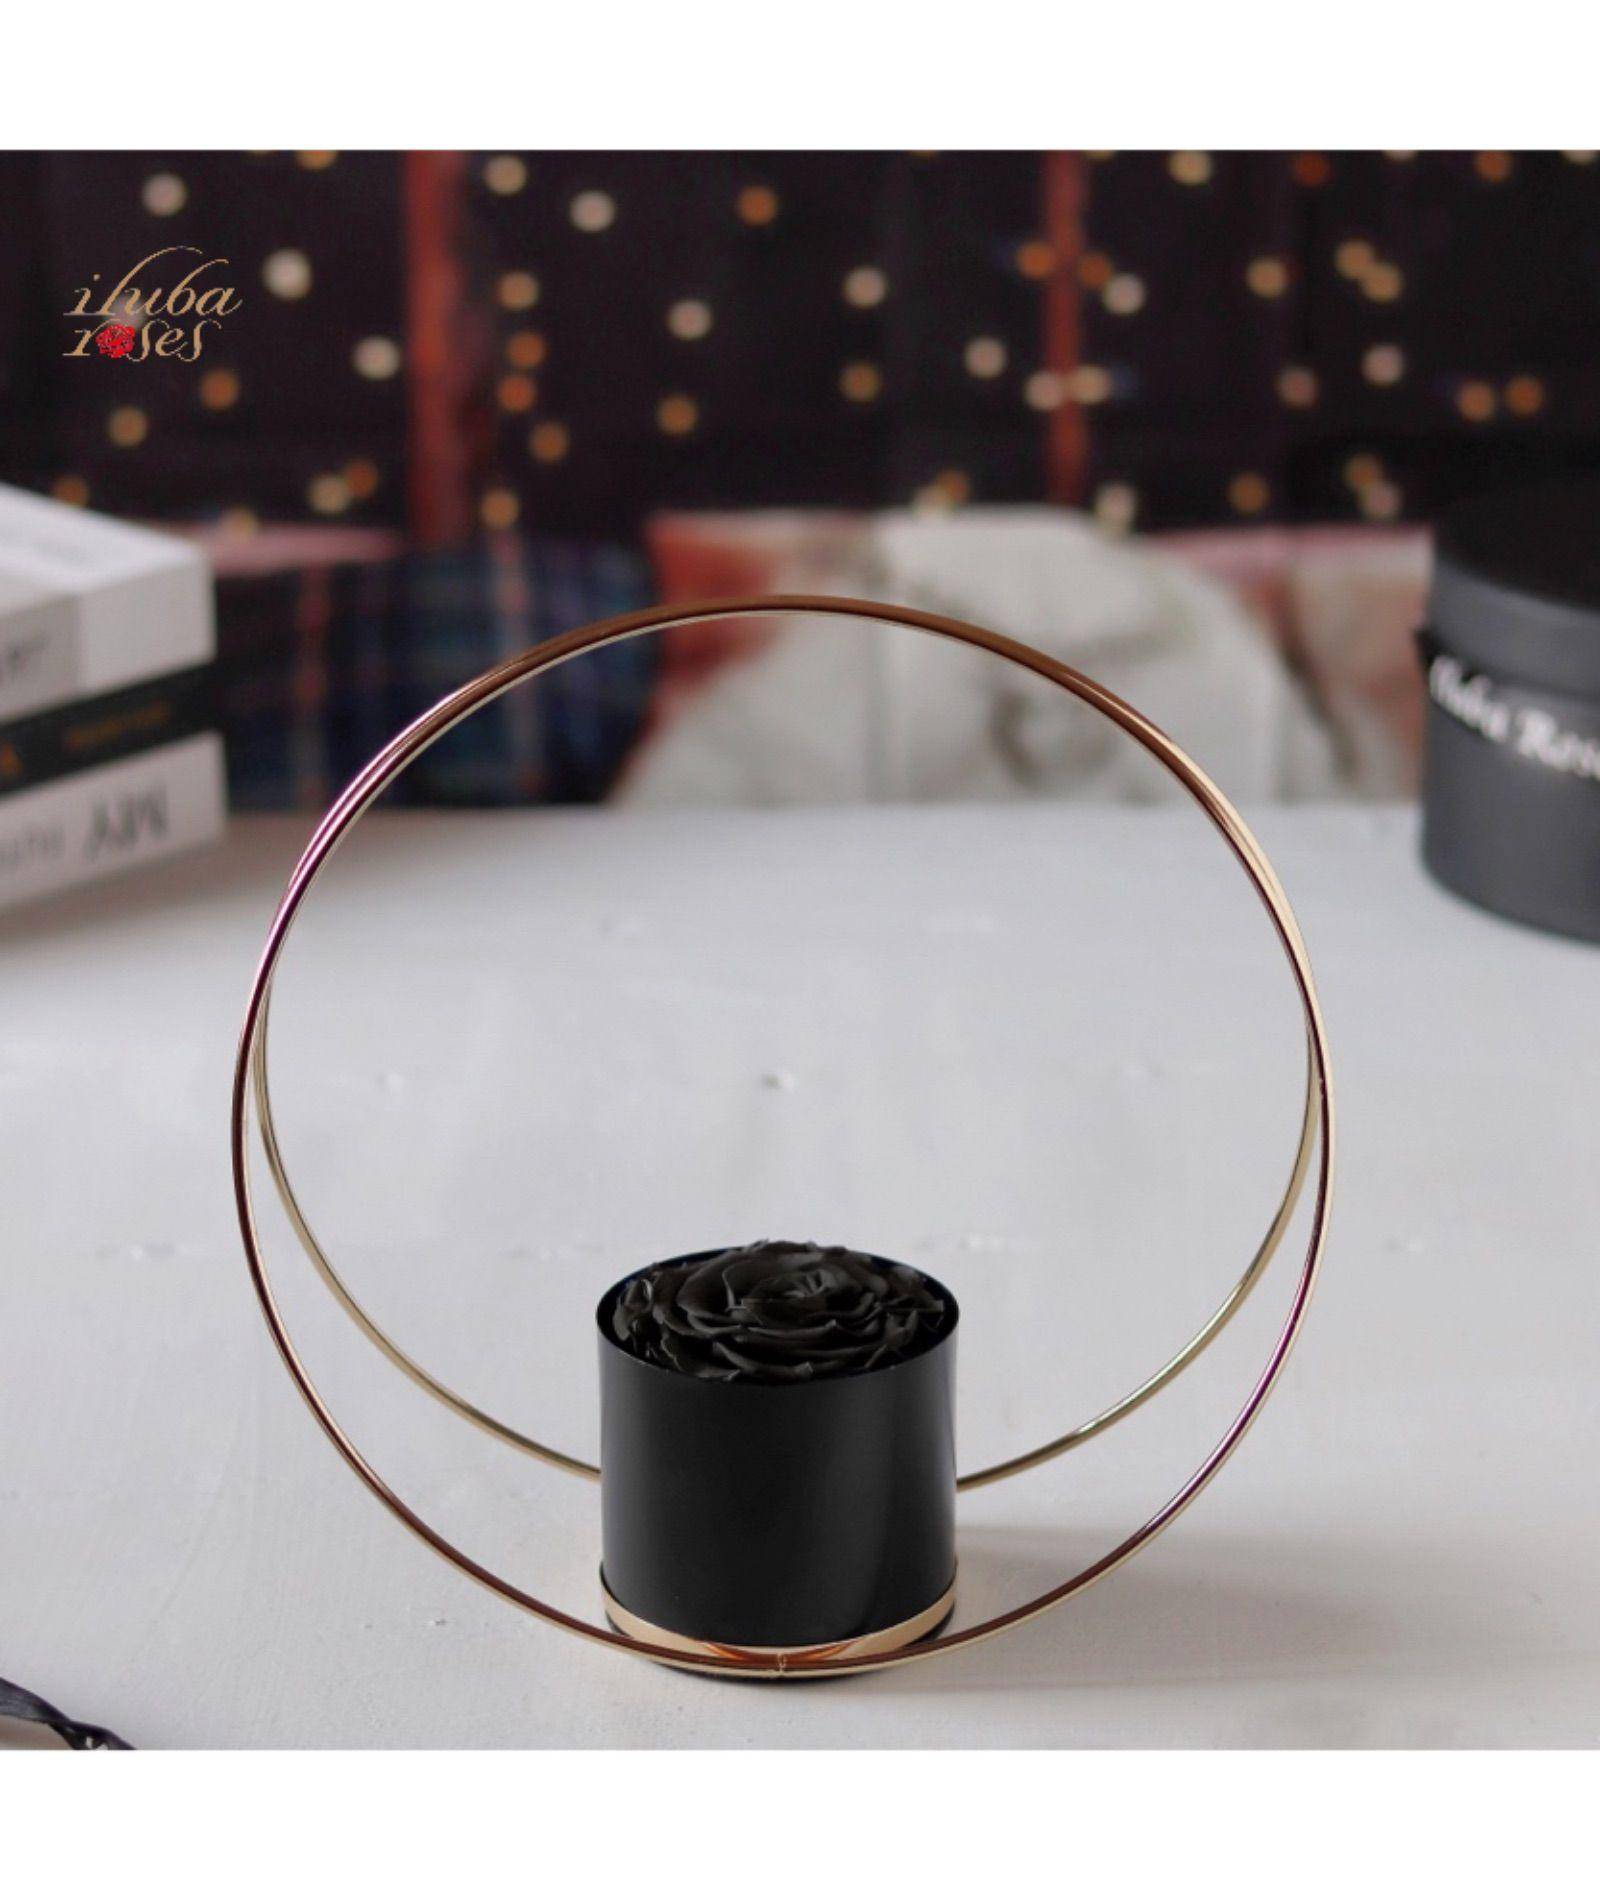 سلة ورد ايلوبا روزز أسود طبيعي دائم مع حامل ذهبي Hoop Earrings Earrings Jewelry